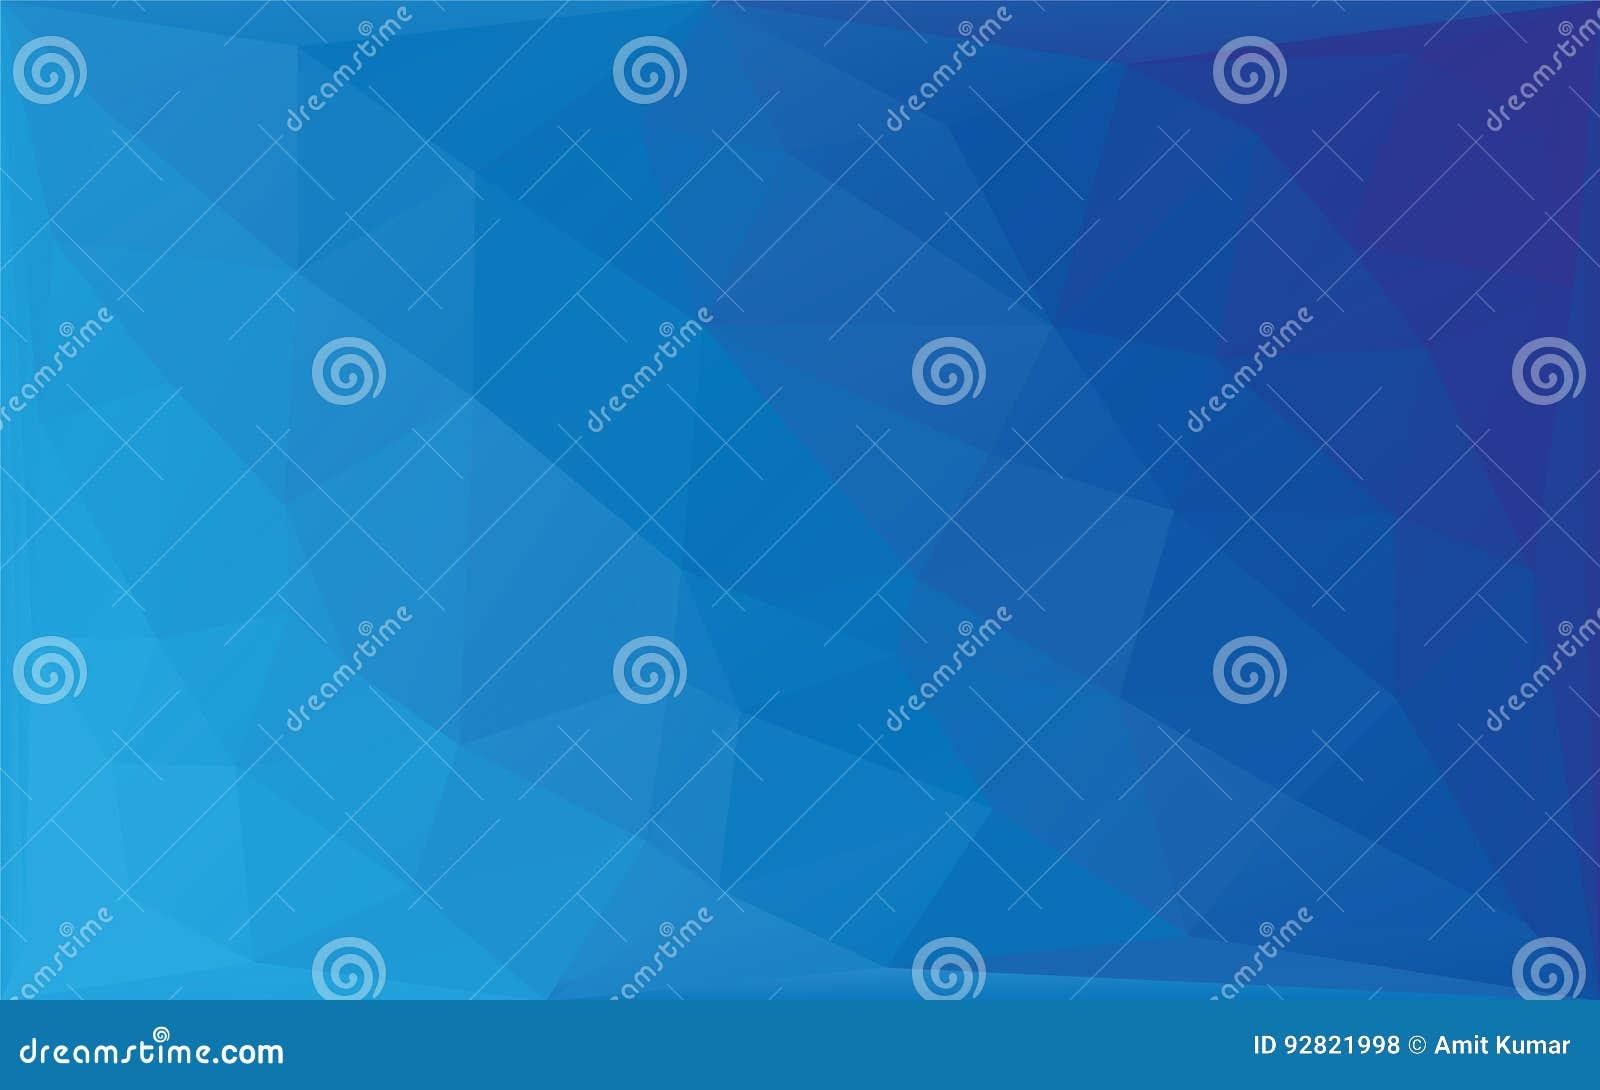 Fundo abstrato do vetor do mosaico do polígono, fundo azul do gráfico da ilustração do inclinação do baixo estilo poli triangular